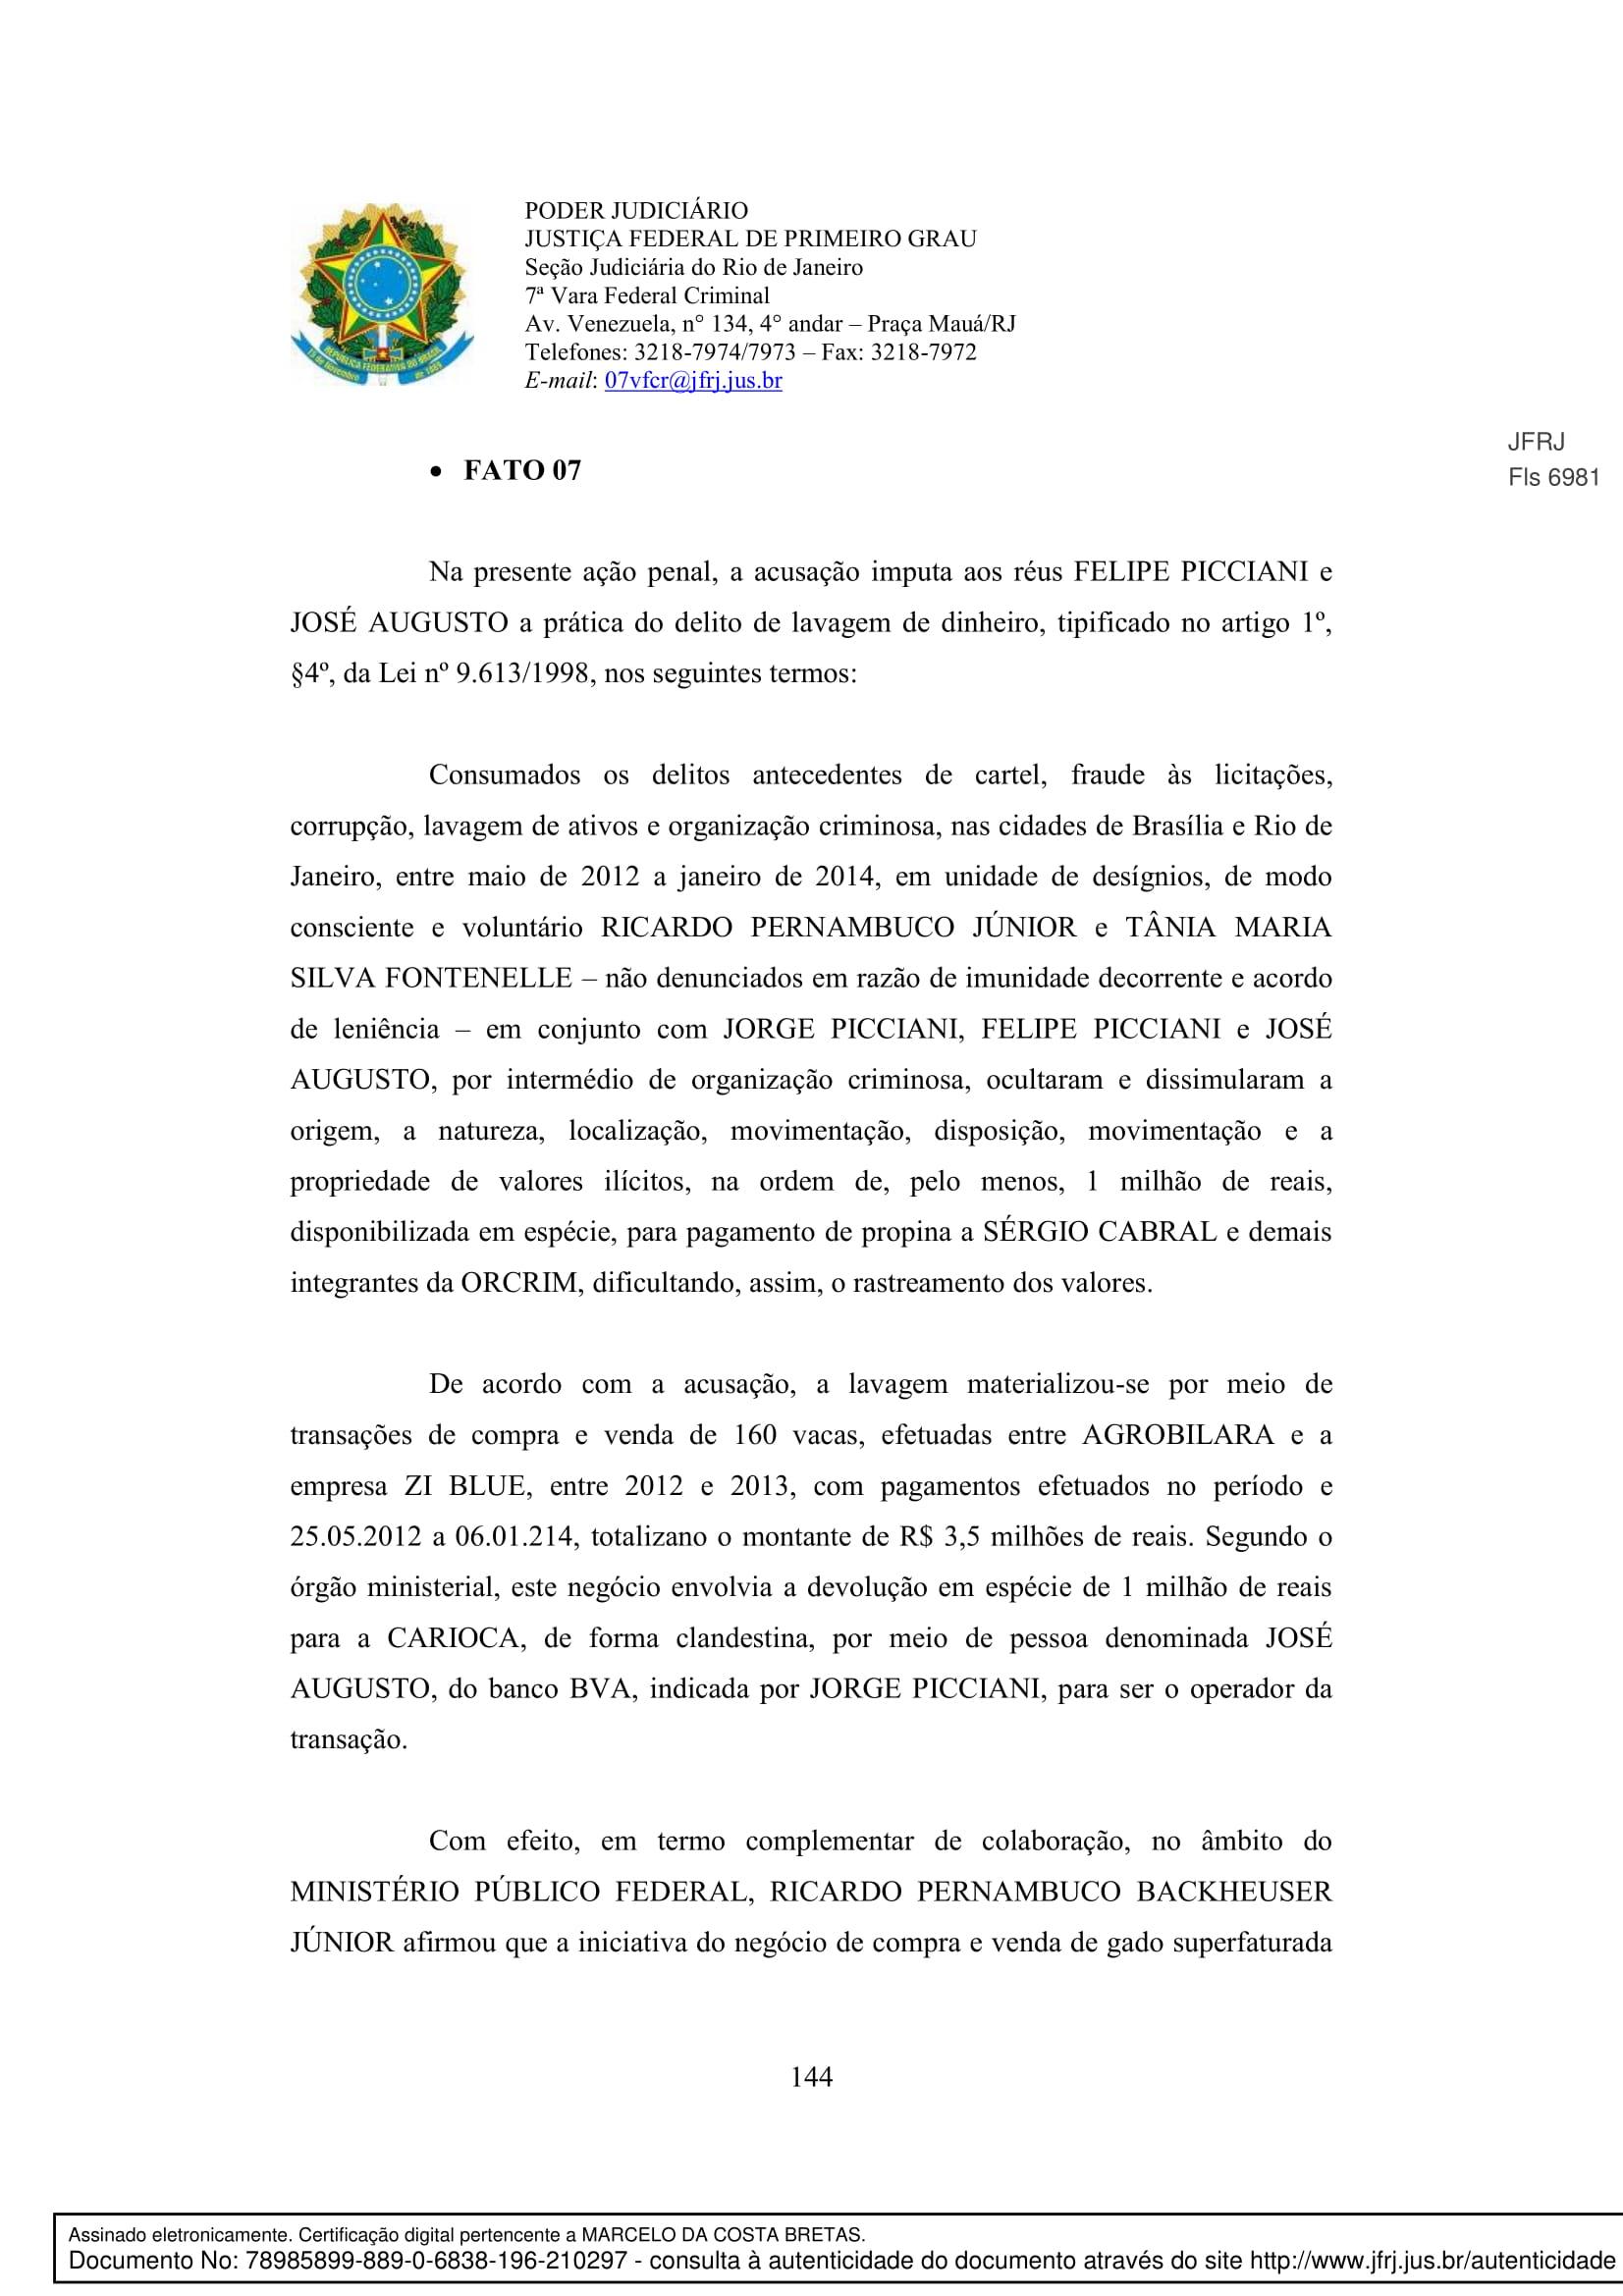 Sentenca-Cadeia-Velha-7VFC-144